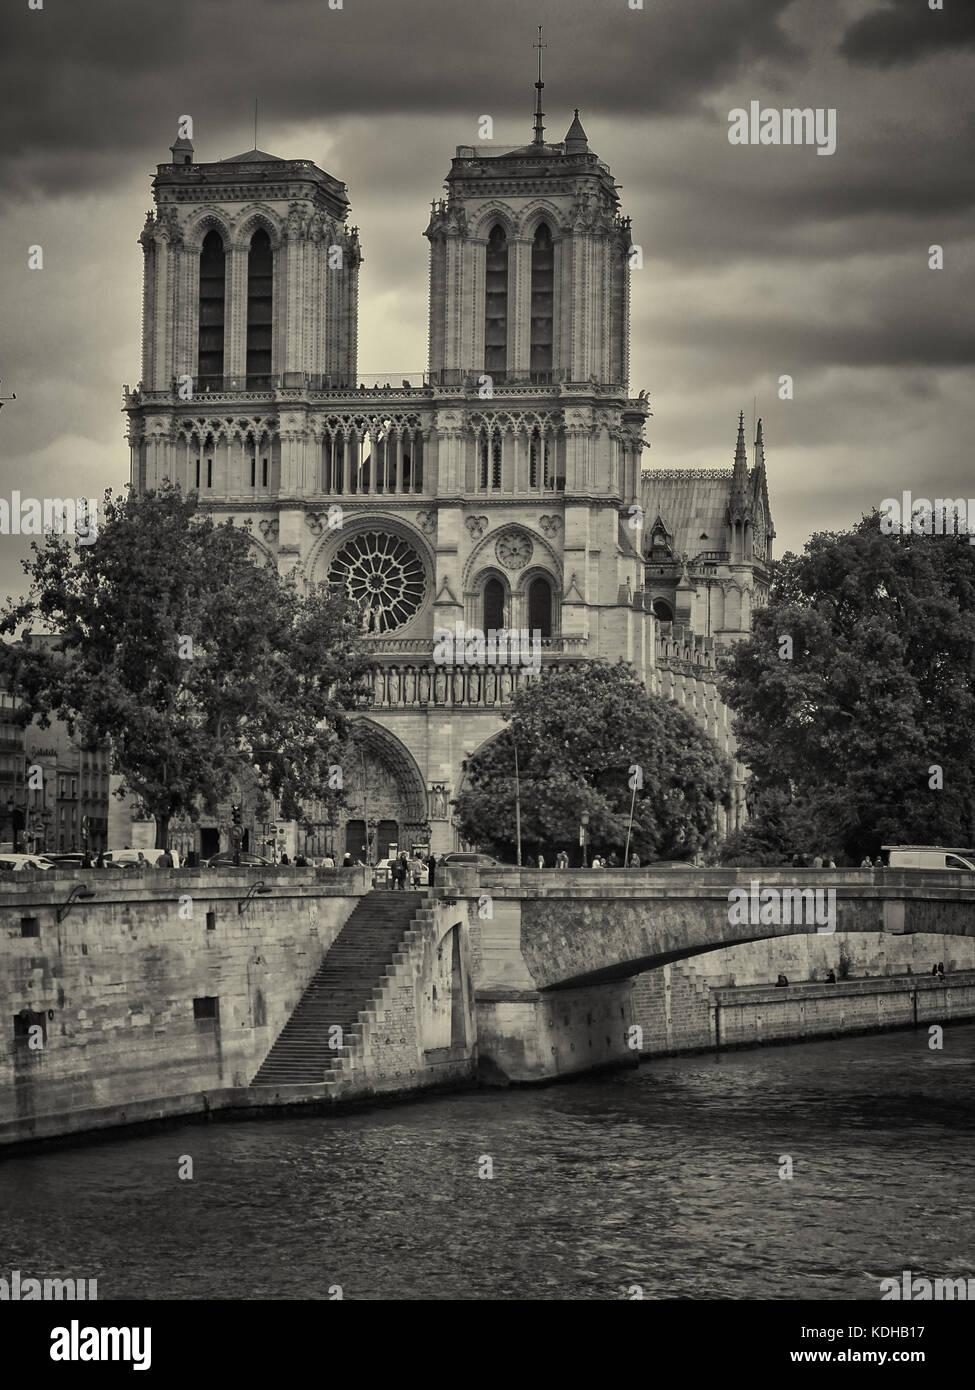 Notre-Dame de Paris, France - Stock Image